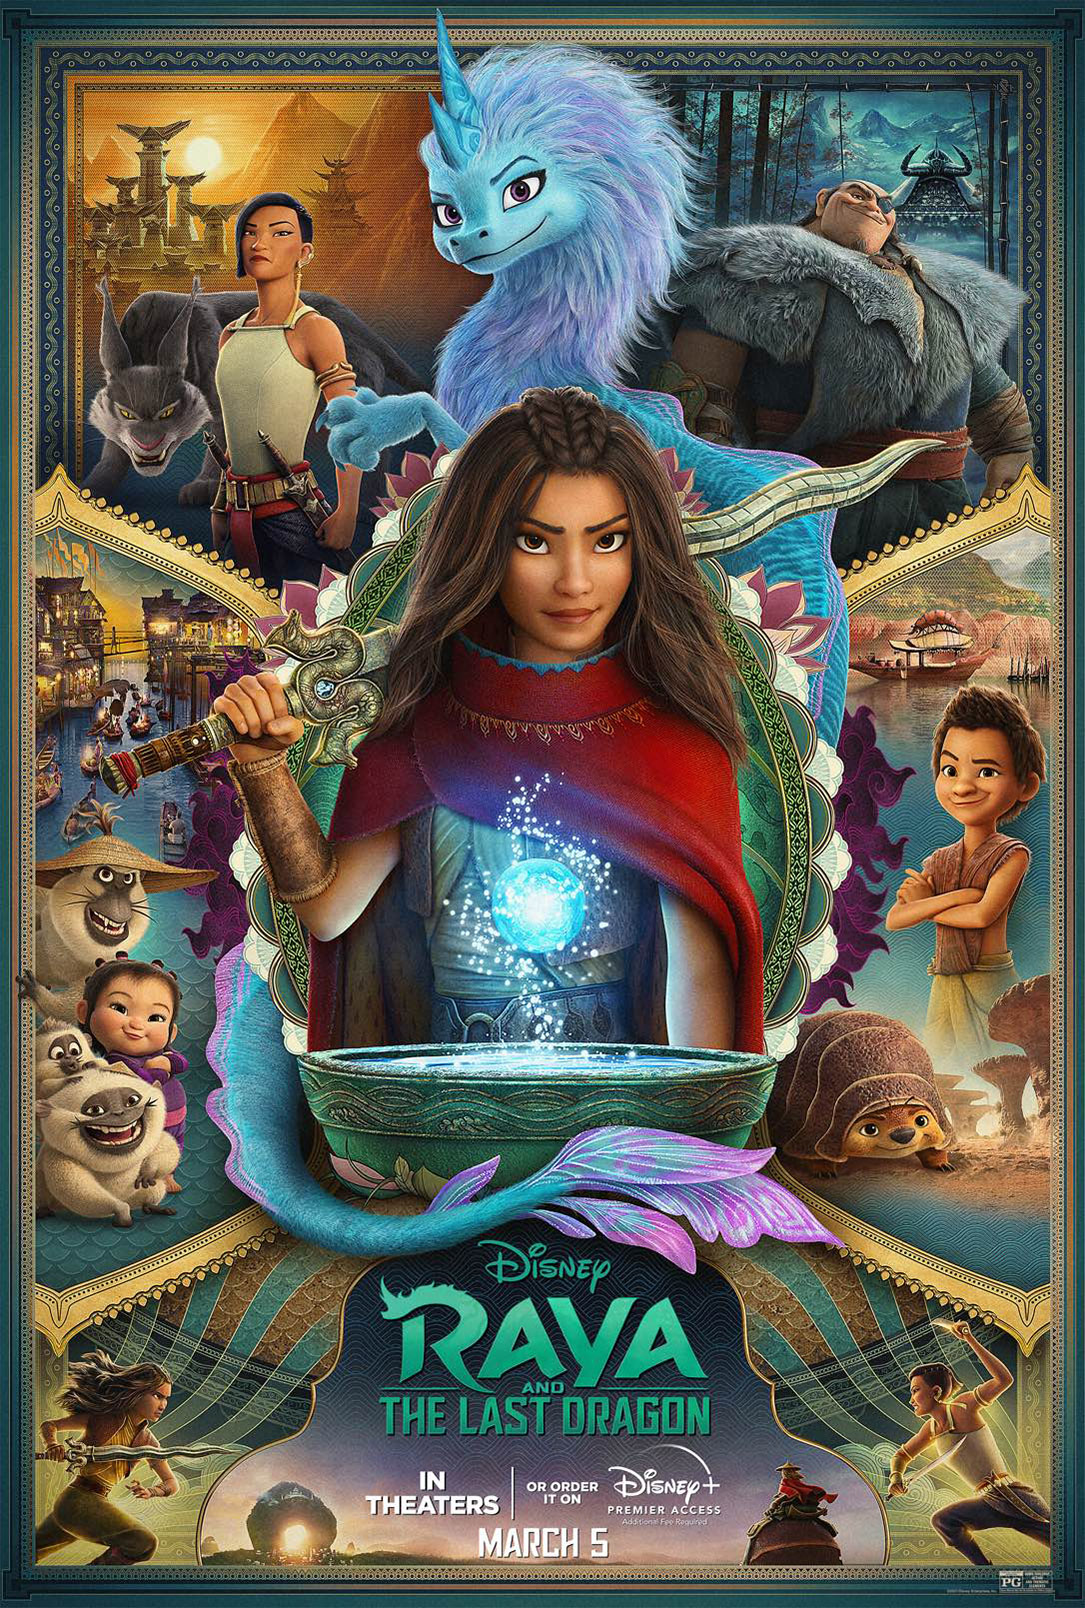 ดูหนัง Raya and the Last Dragon (2021) รายากับมังกรตัวสุดท้าย